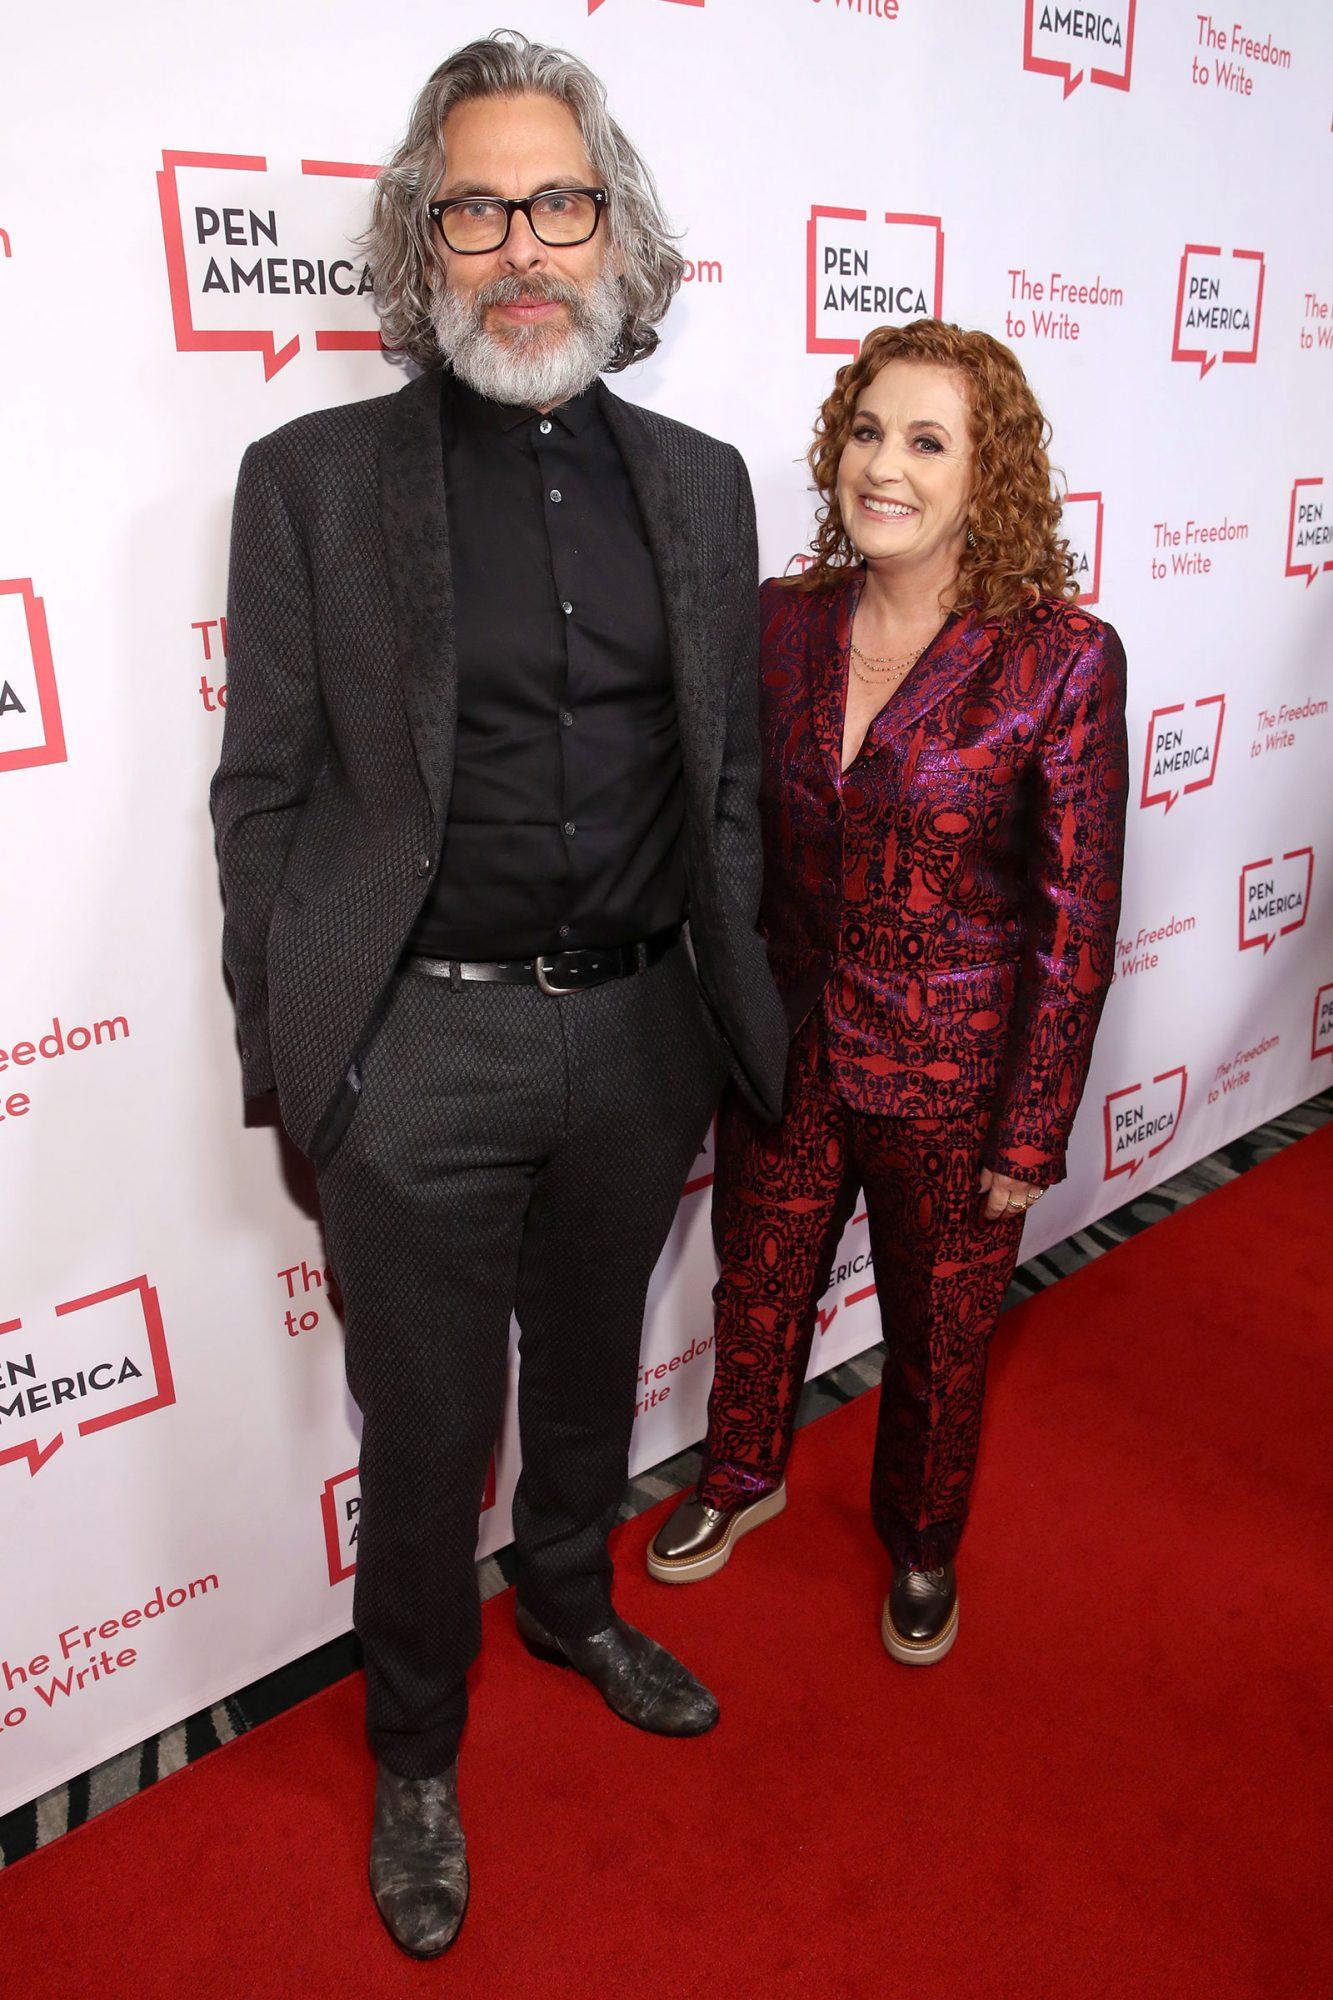 Michael Chabon and Ayelet Waldman